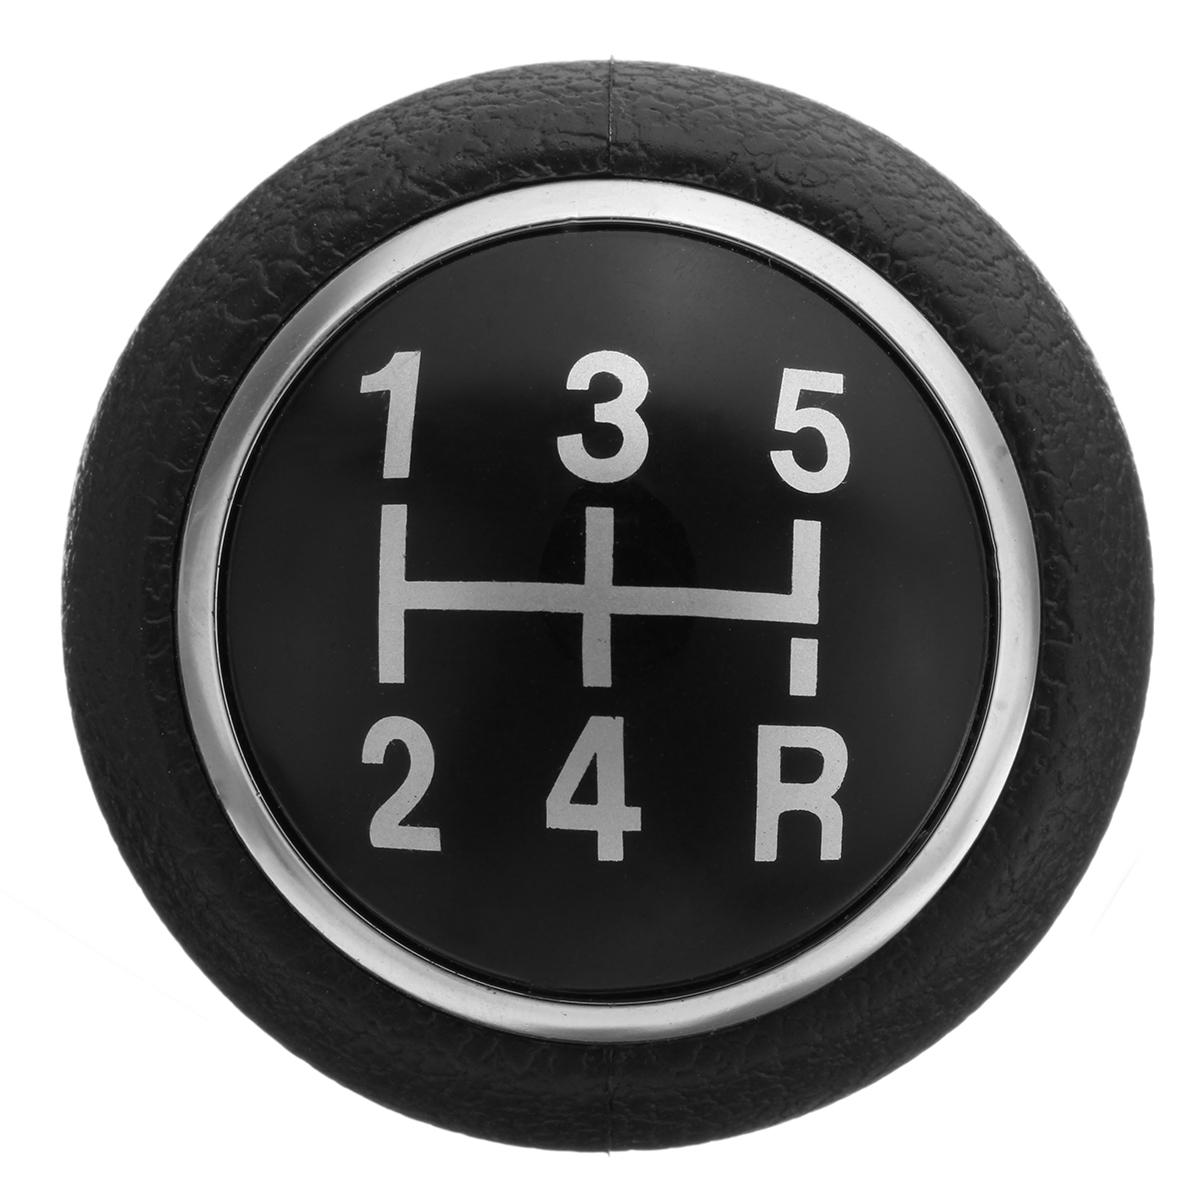 ... Manual Car Gear Shift Knob For Peugeot 106 206 306 406 806 107 207 · e2595bea-83b2-4859-b16b-da9198bcaaab.JPG · 927282d4-7652-4780-aecd-fc3ae6ff822d.